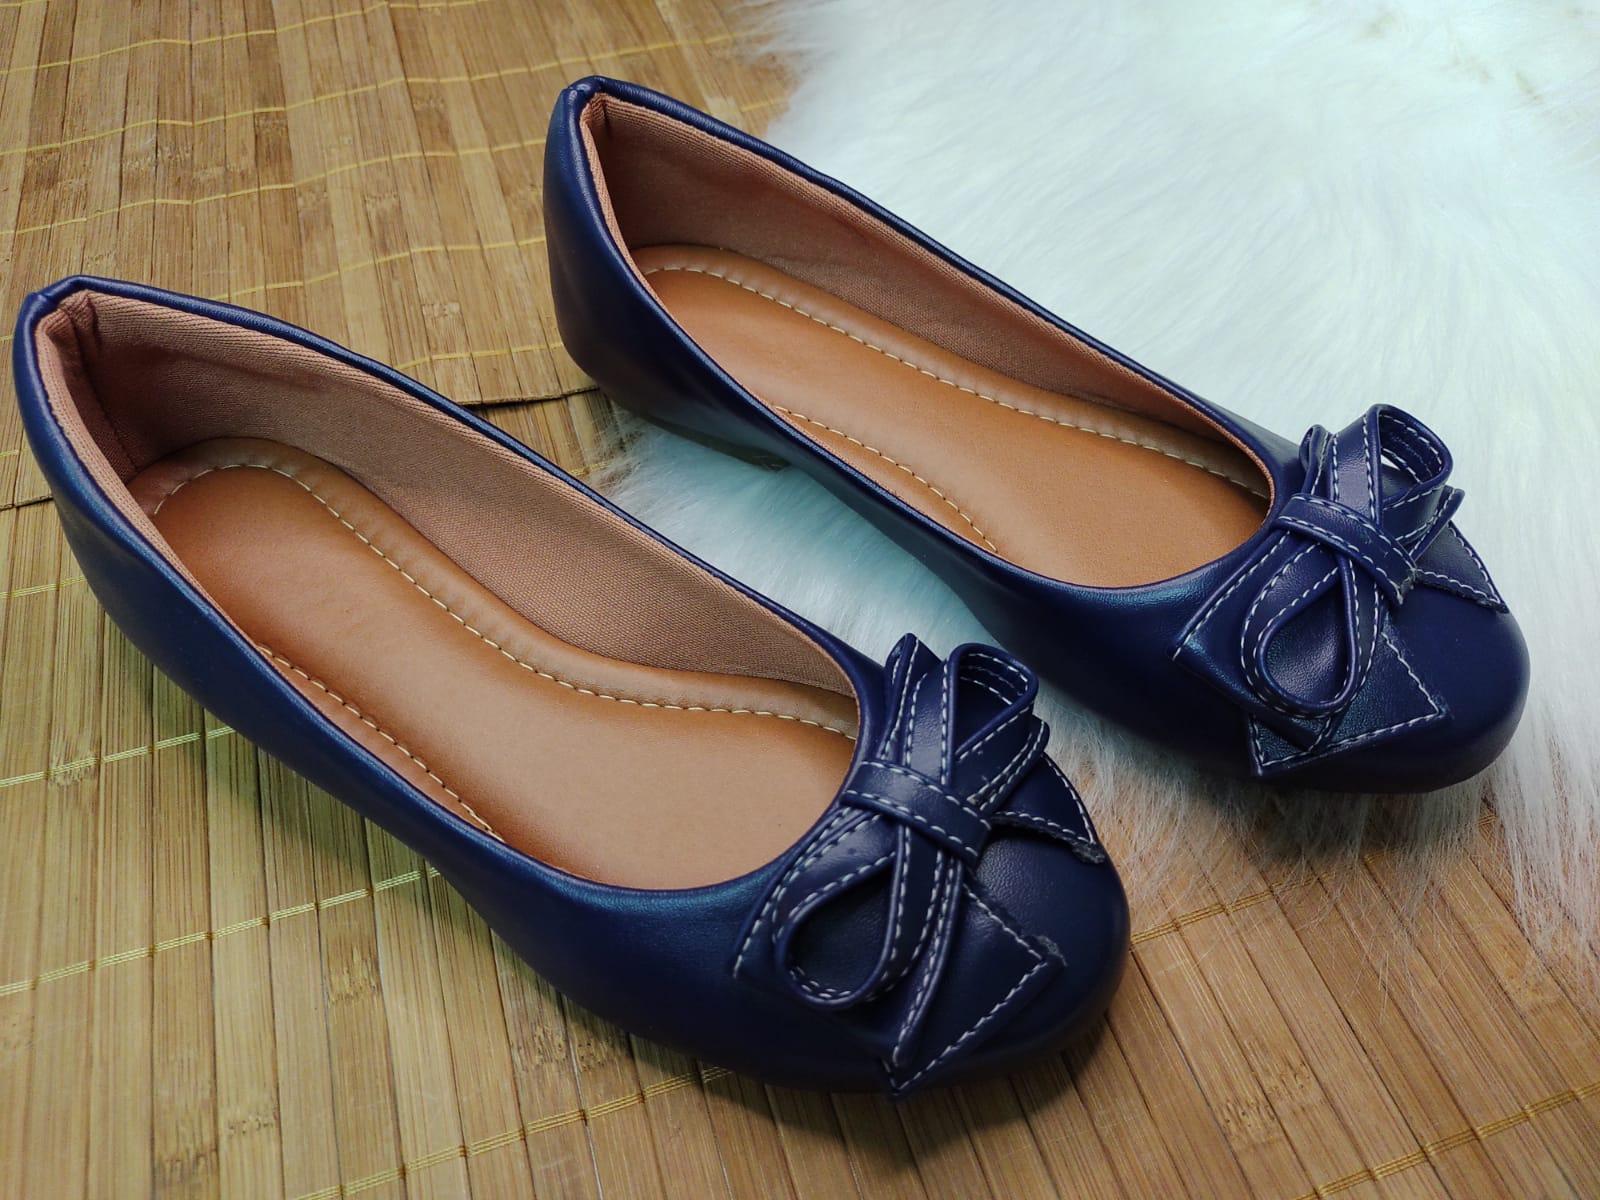 Sapatilha Palmilha Confort na Cor Azul Escuro - Com Laço do Mesmo Material.